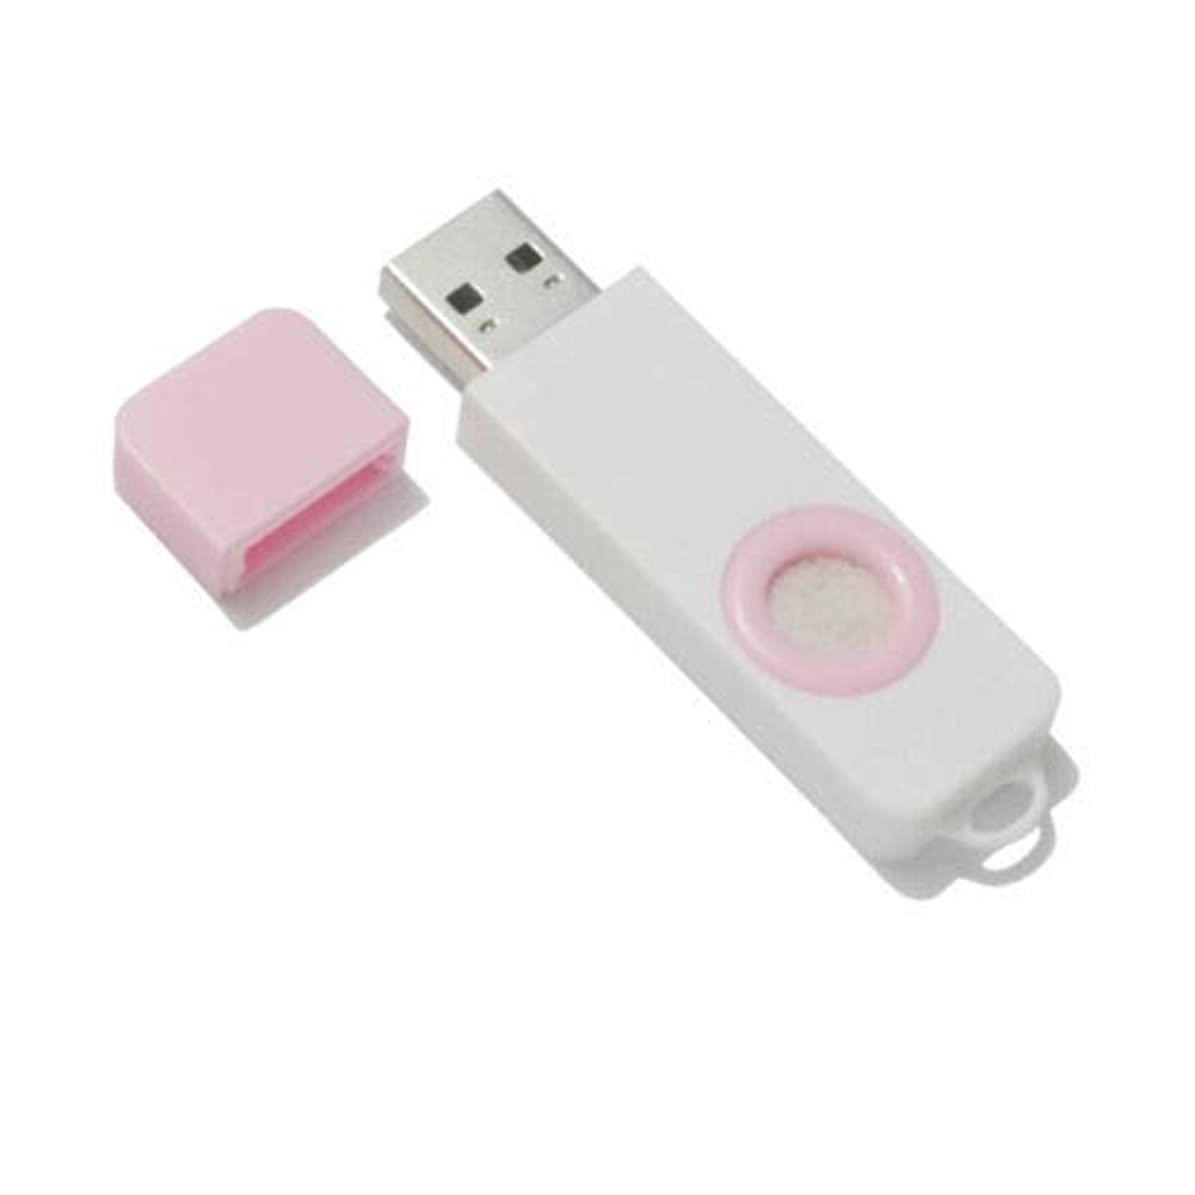 からに変化する法的アッティカスFidgetGear Essential Oil Diffuser USB Port Air Freshener Office Home aromatherapy Pink